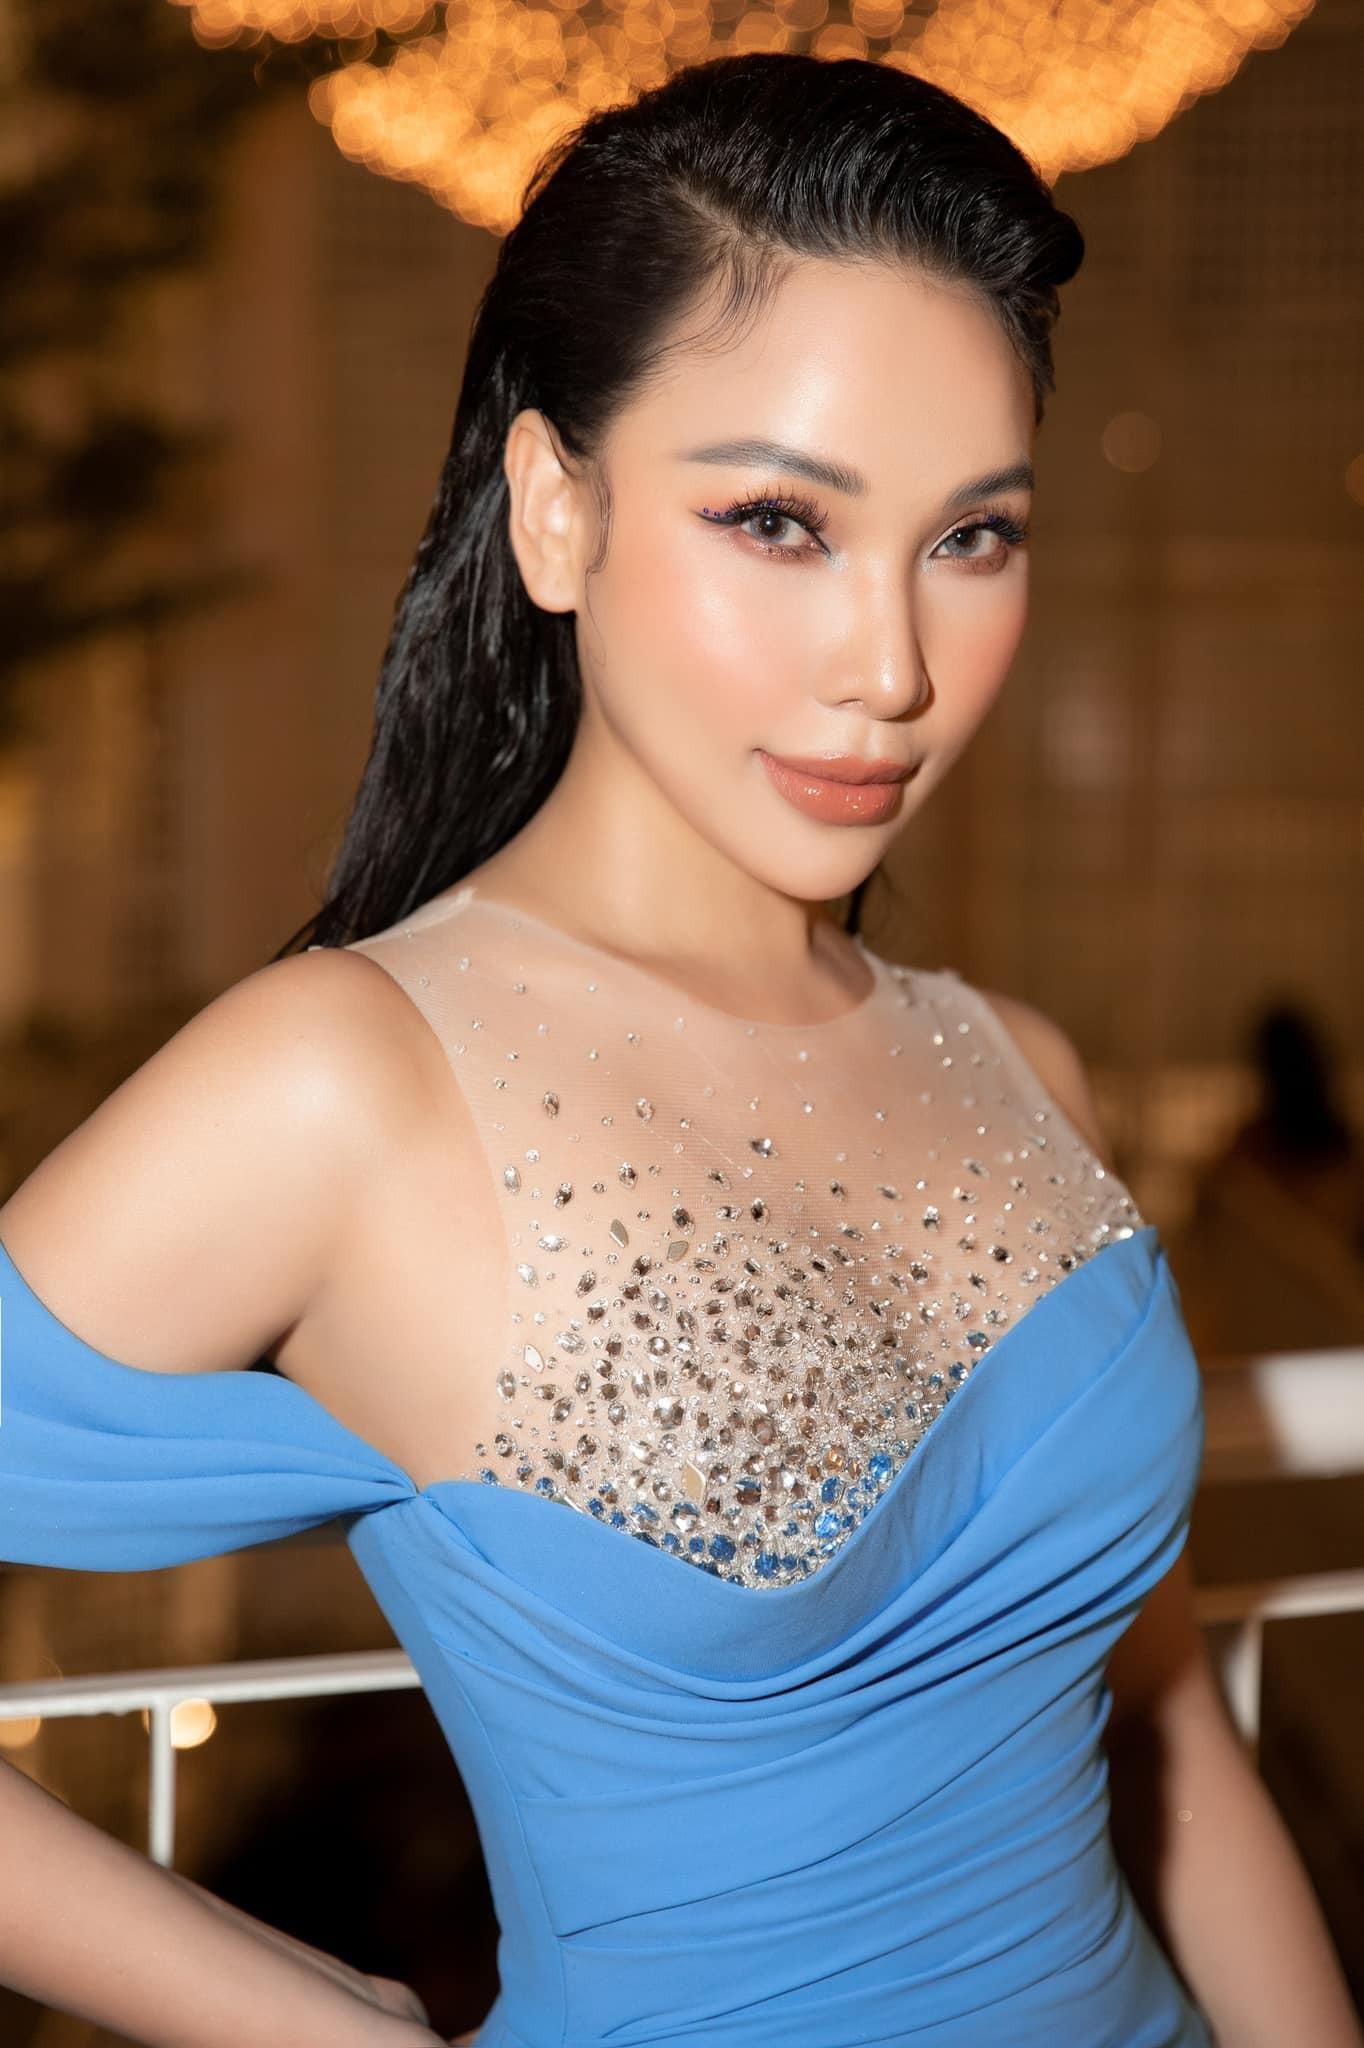 Vẻ đẹp gợi cảm của người mẫu Quỳnh Thư-9